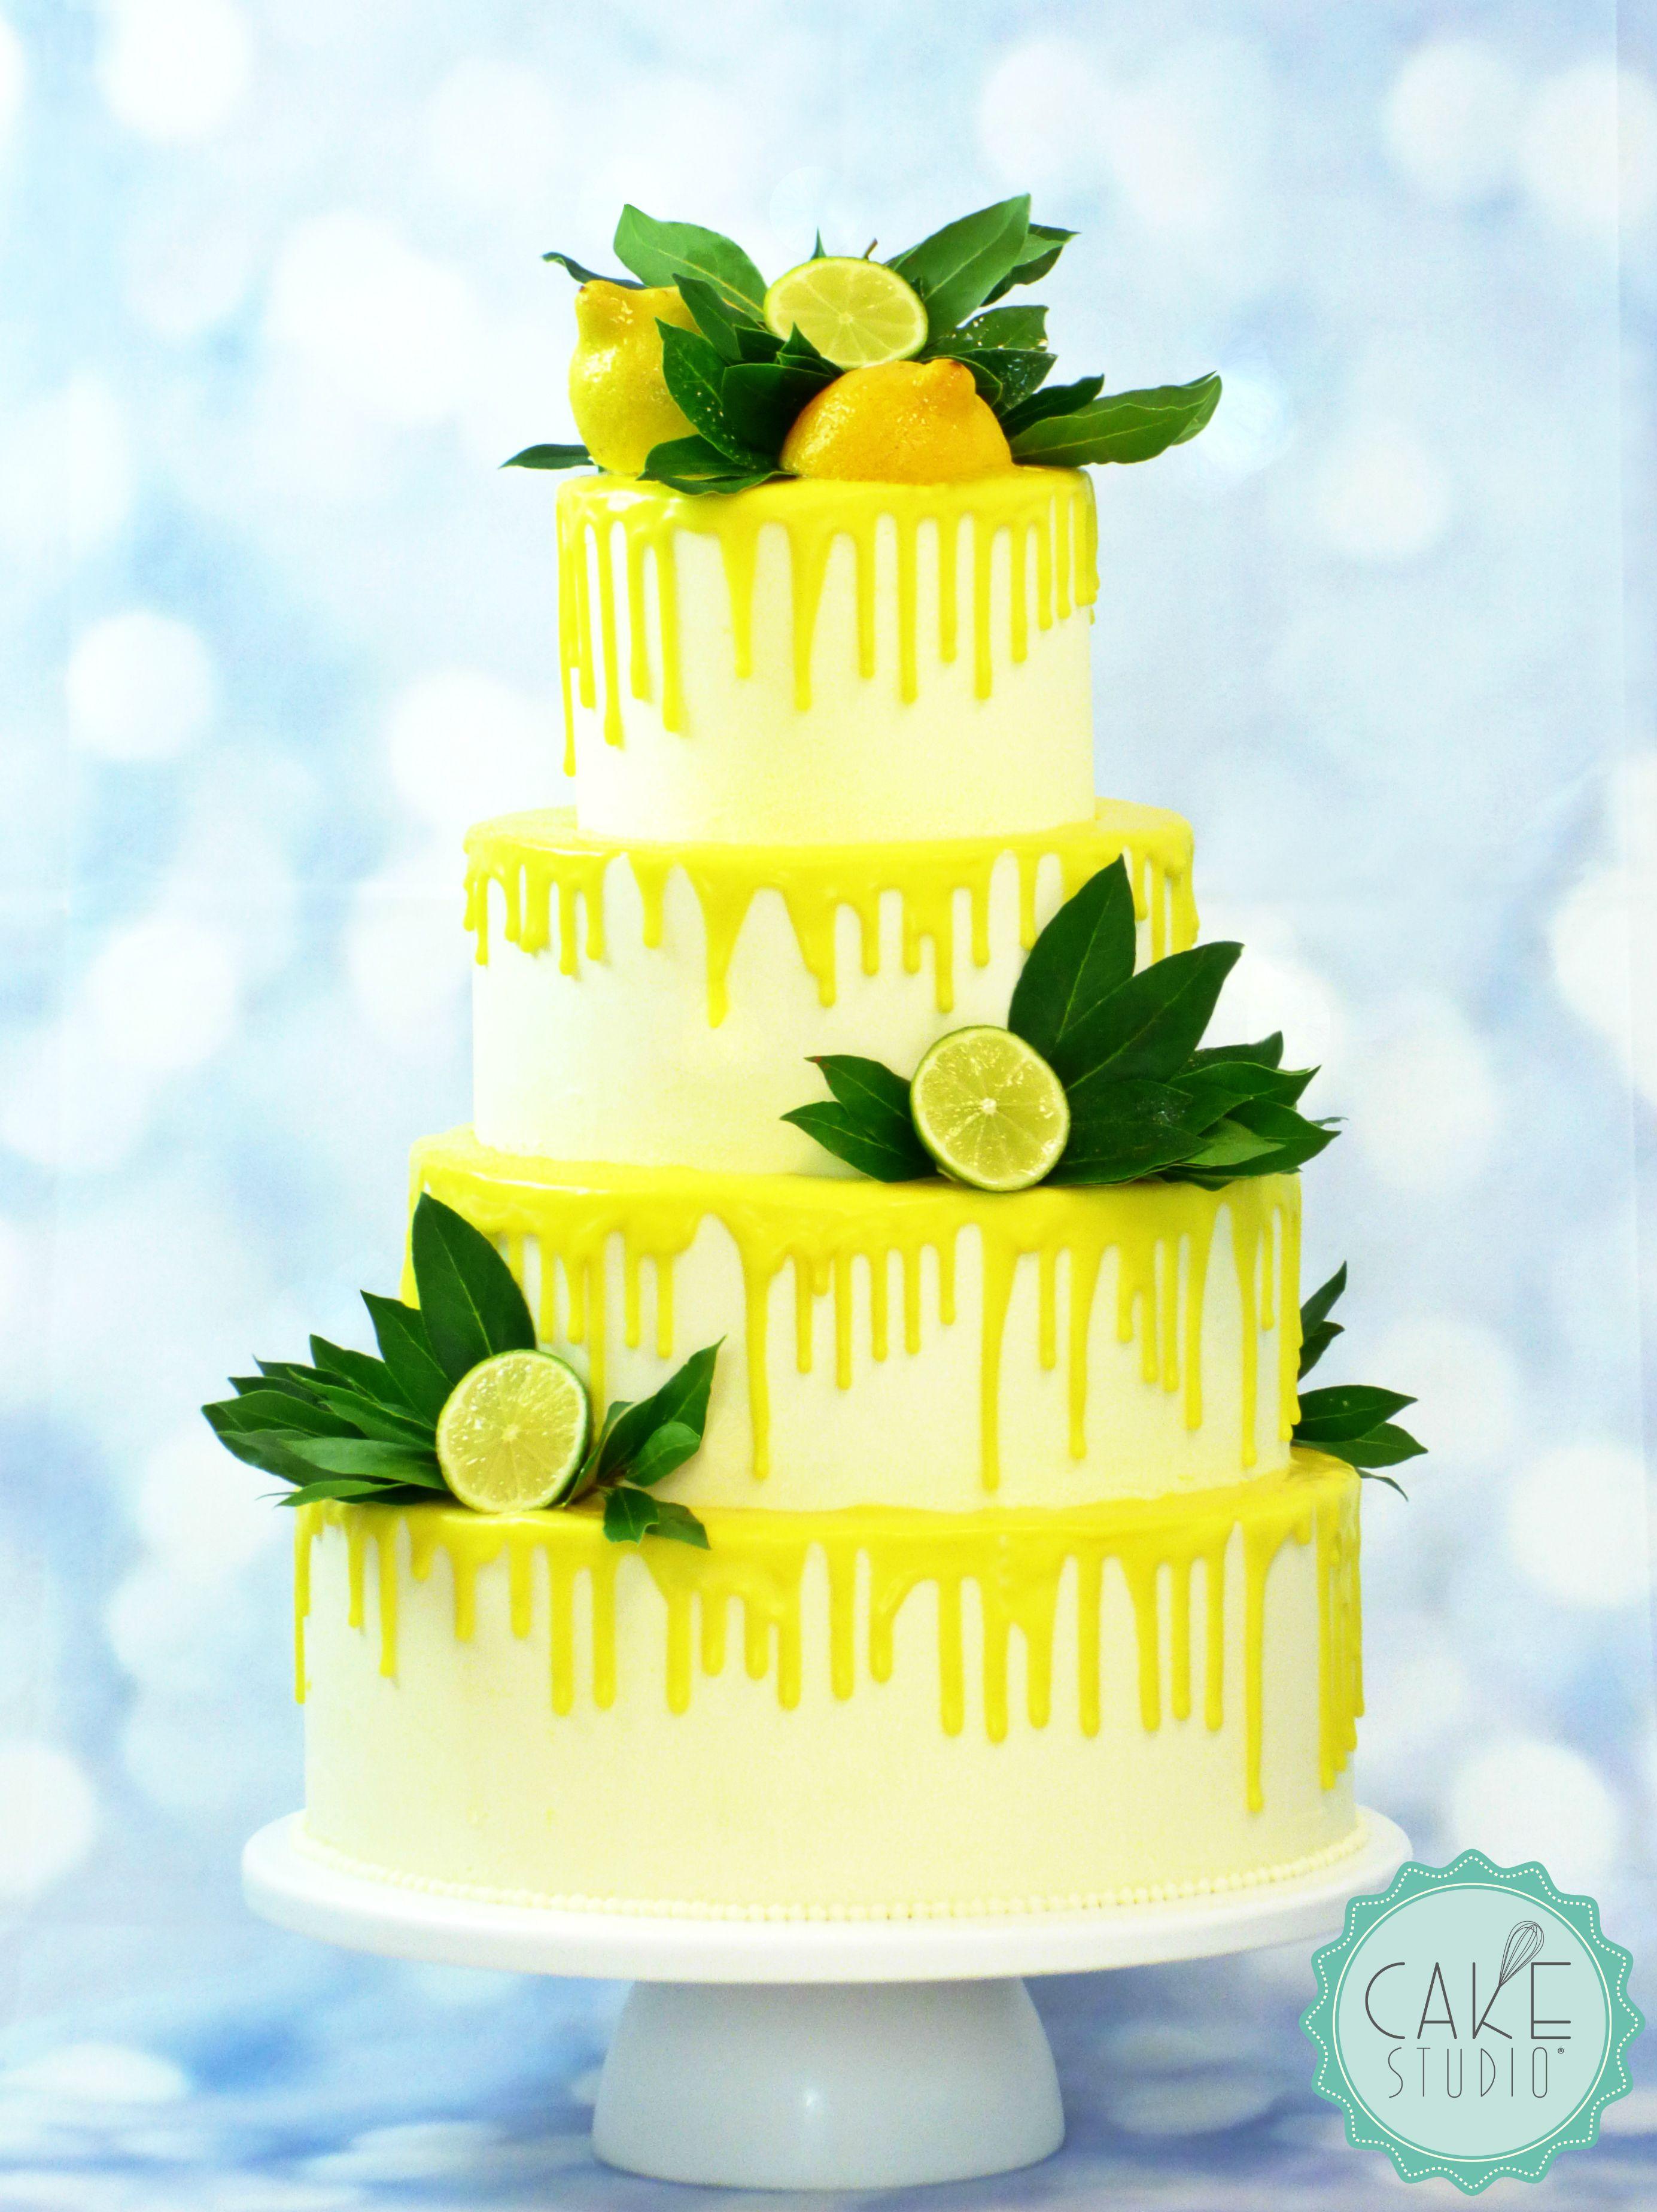 wedding cake con dripping di cioccolato bianco al limone